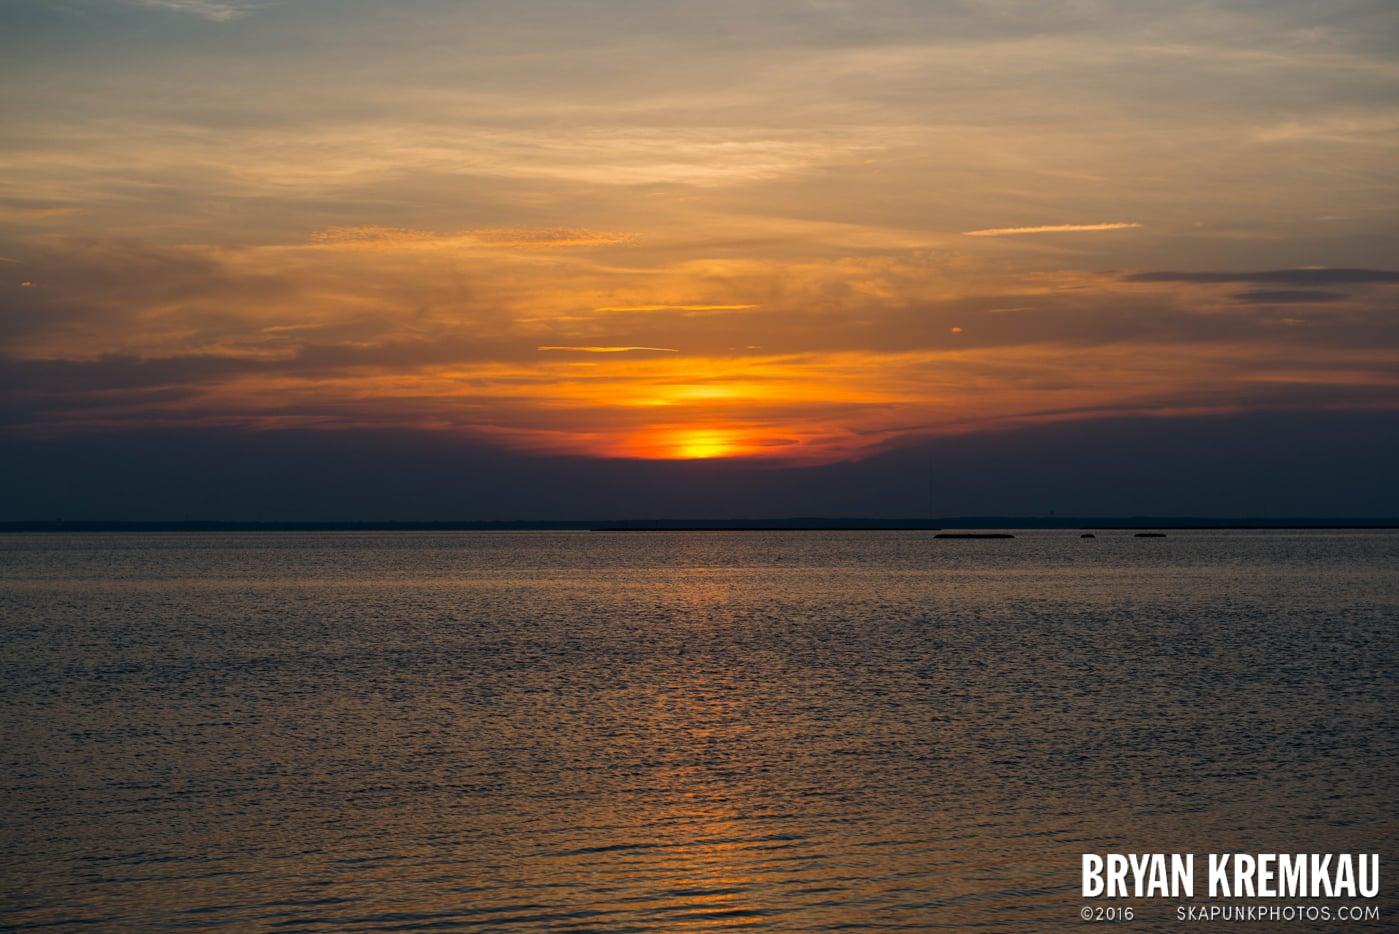 Beach Haven, Long Beach Island, NJ - 6.16.14 - 6.18.14 (79)